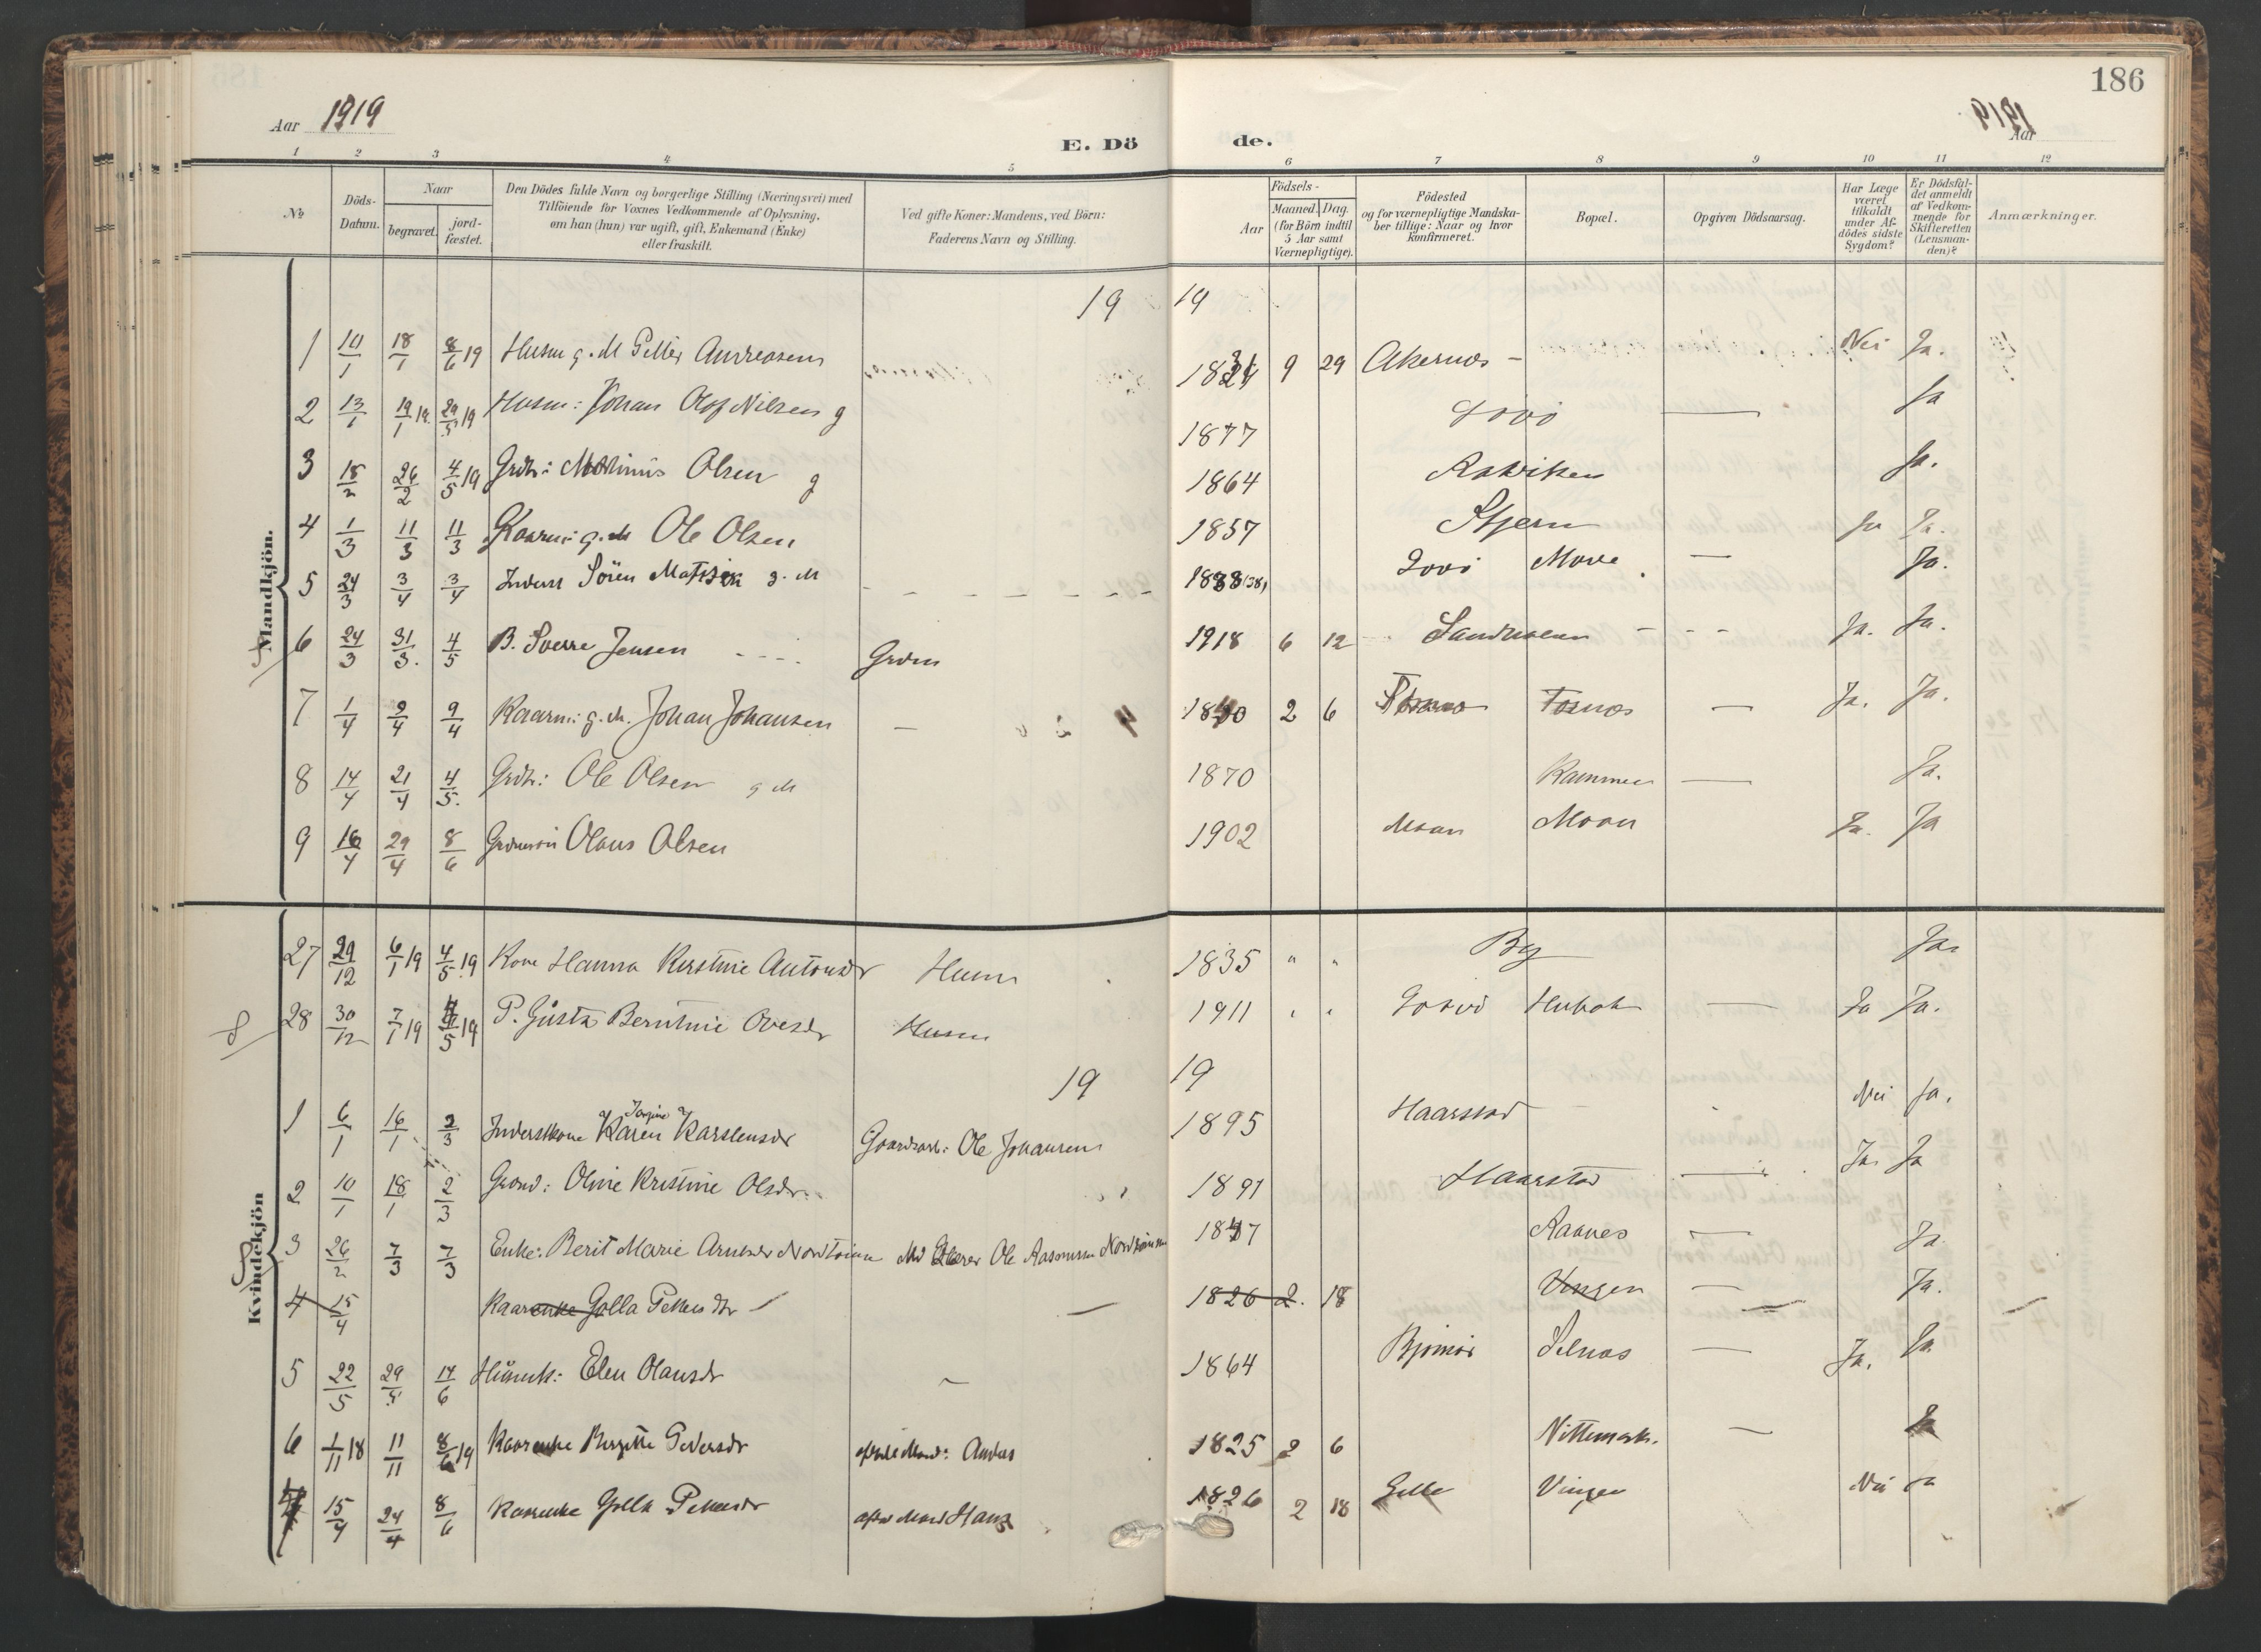 SAT, Ministerialprotokoller, klokkerbøker og fødselsregistre - Sør-Trøndelag, 655/L0682: Ministerialbok nr. 655A11, 1908-1922, s. 186